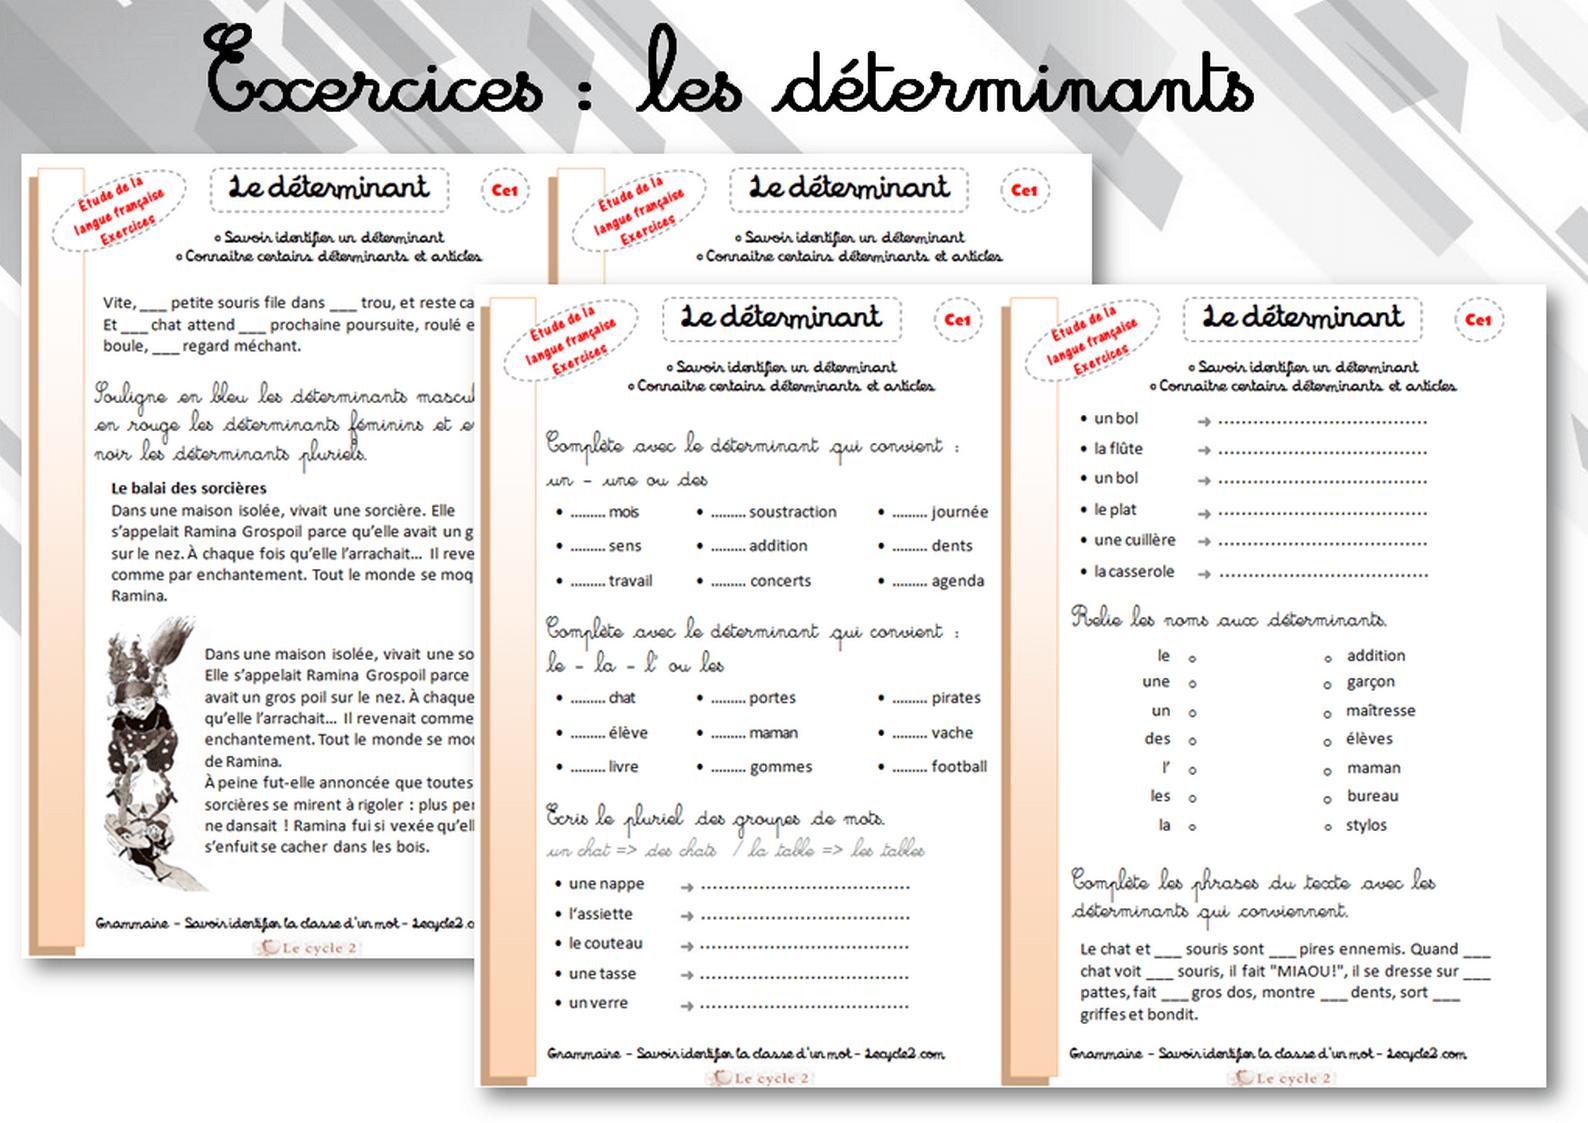 Fiches D'écercices Sur Les Déterminants - Grammaire Ce1 avec Fiche Français Ce1 Imprimer